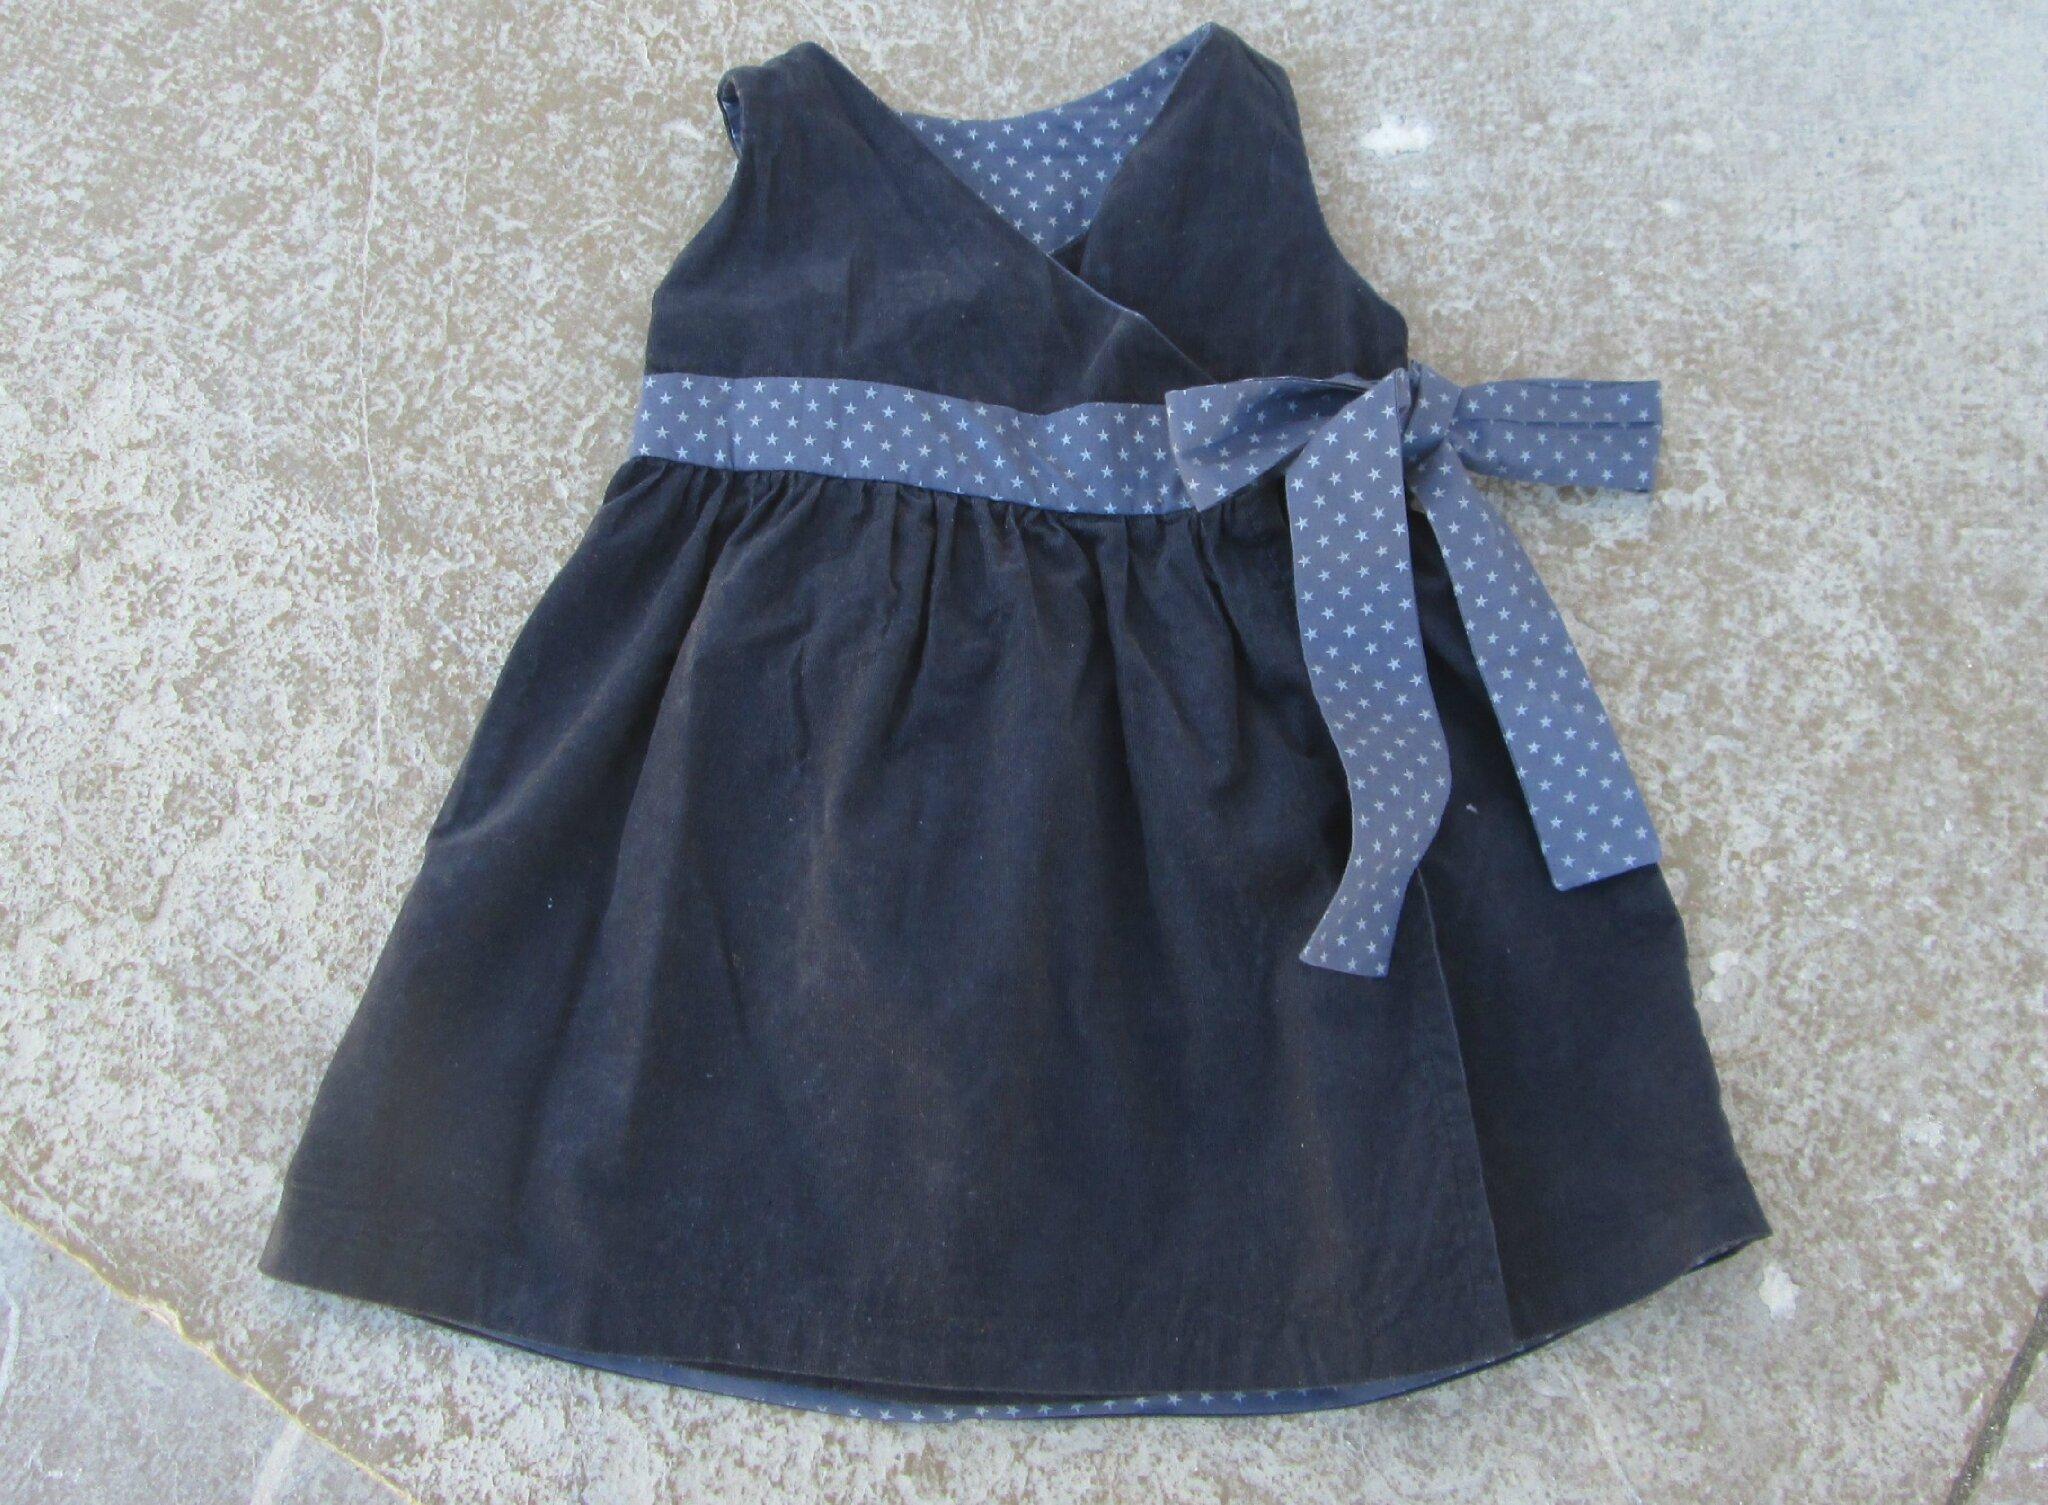 e1cffec5a1045 Patron robe hiver fille 4 ans – Site de mode populaire